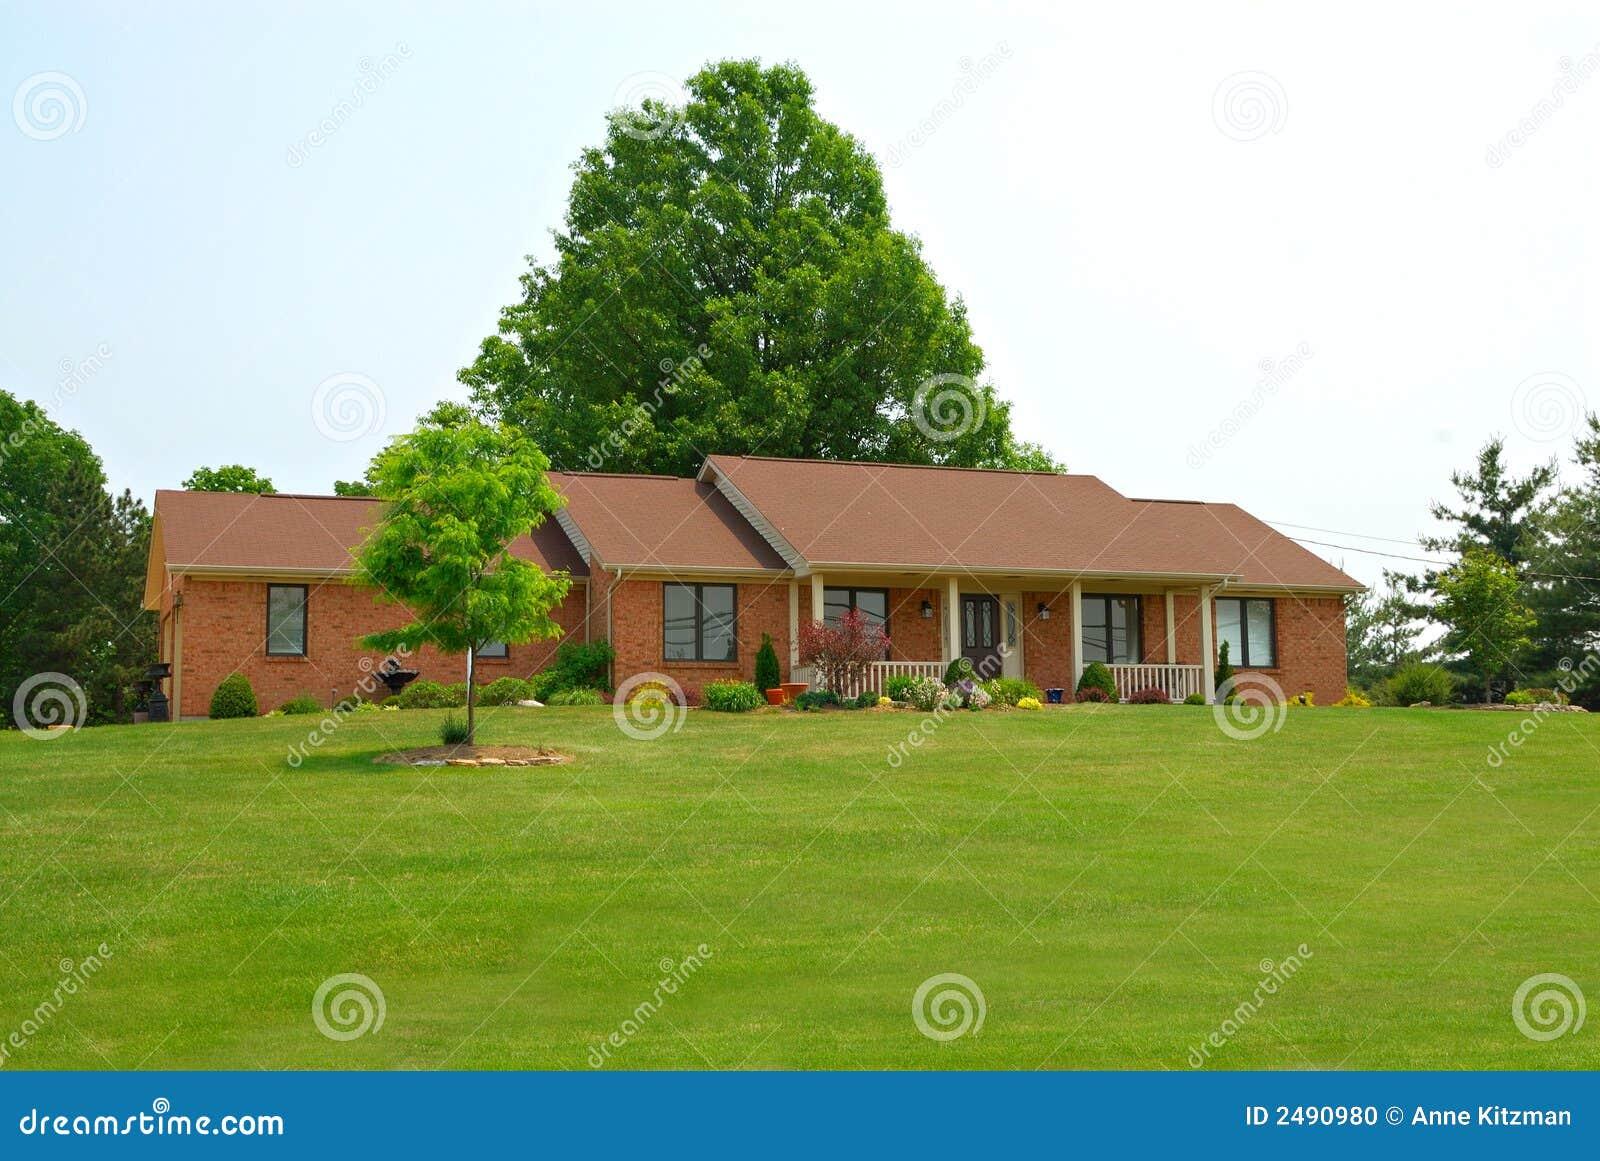 Het landelijke huis van de boerderij stock foto afbeelding 2490980 - Huis van de wereldbank ...